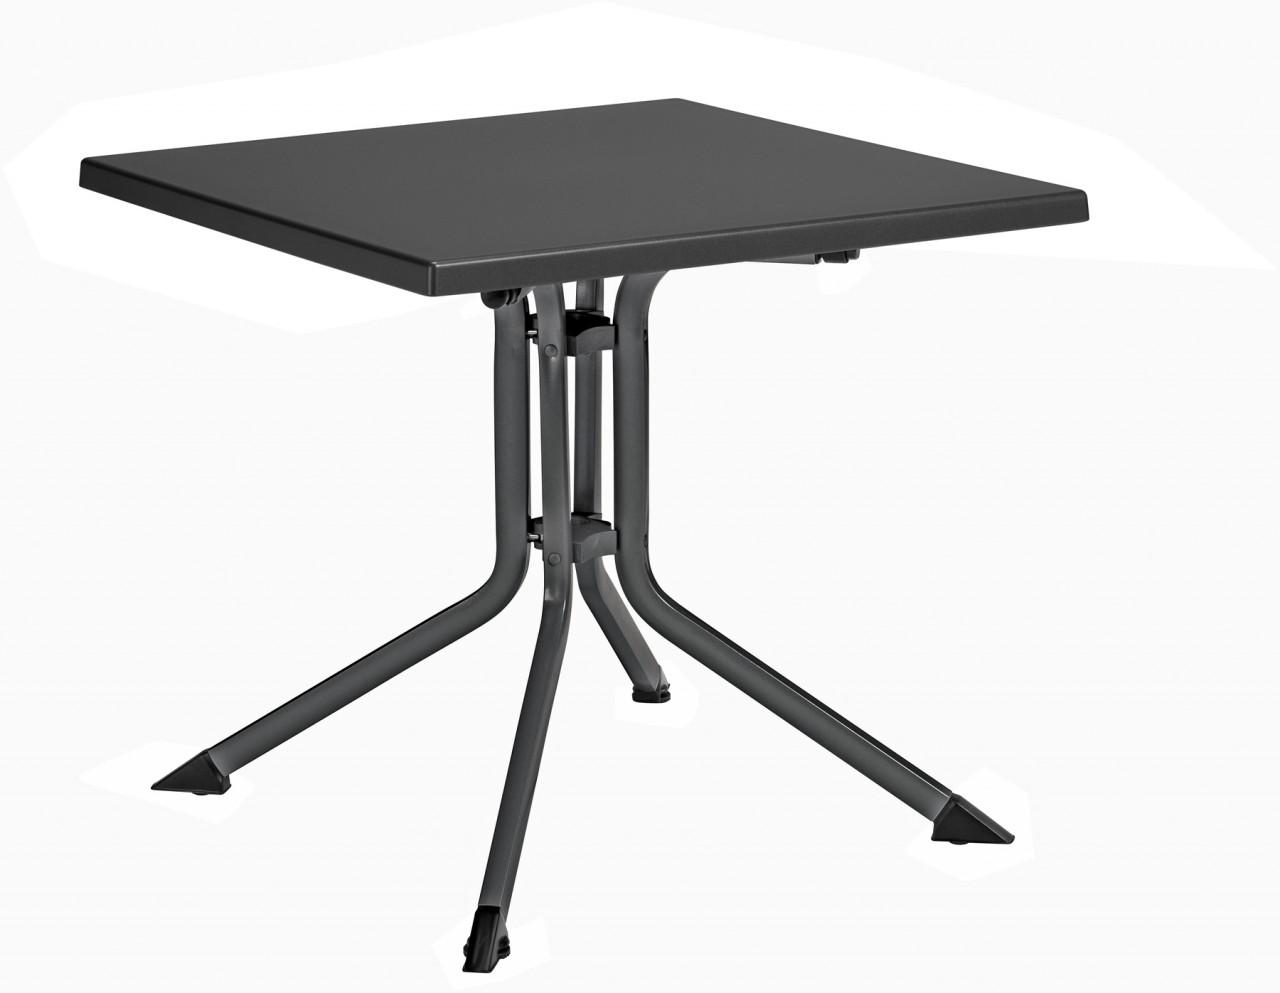 kettalux klapptisch 115 x 70 cm silber anthrazit ean 4001397387190 preisvergleich und. Black Bedroom Furniture Sets. Home Design Ideas